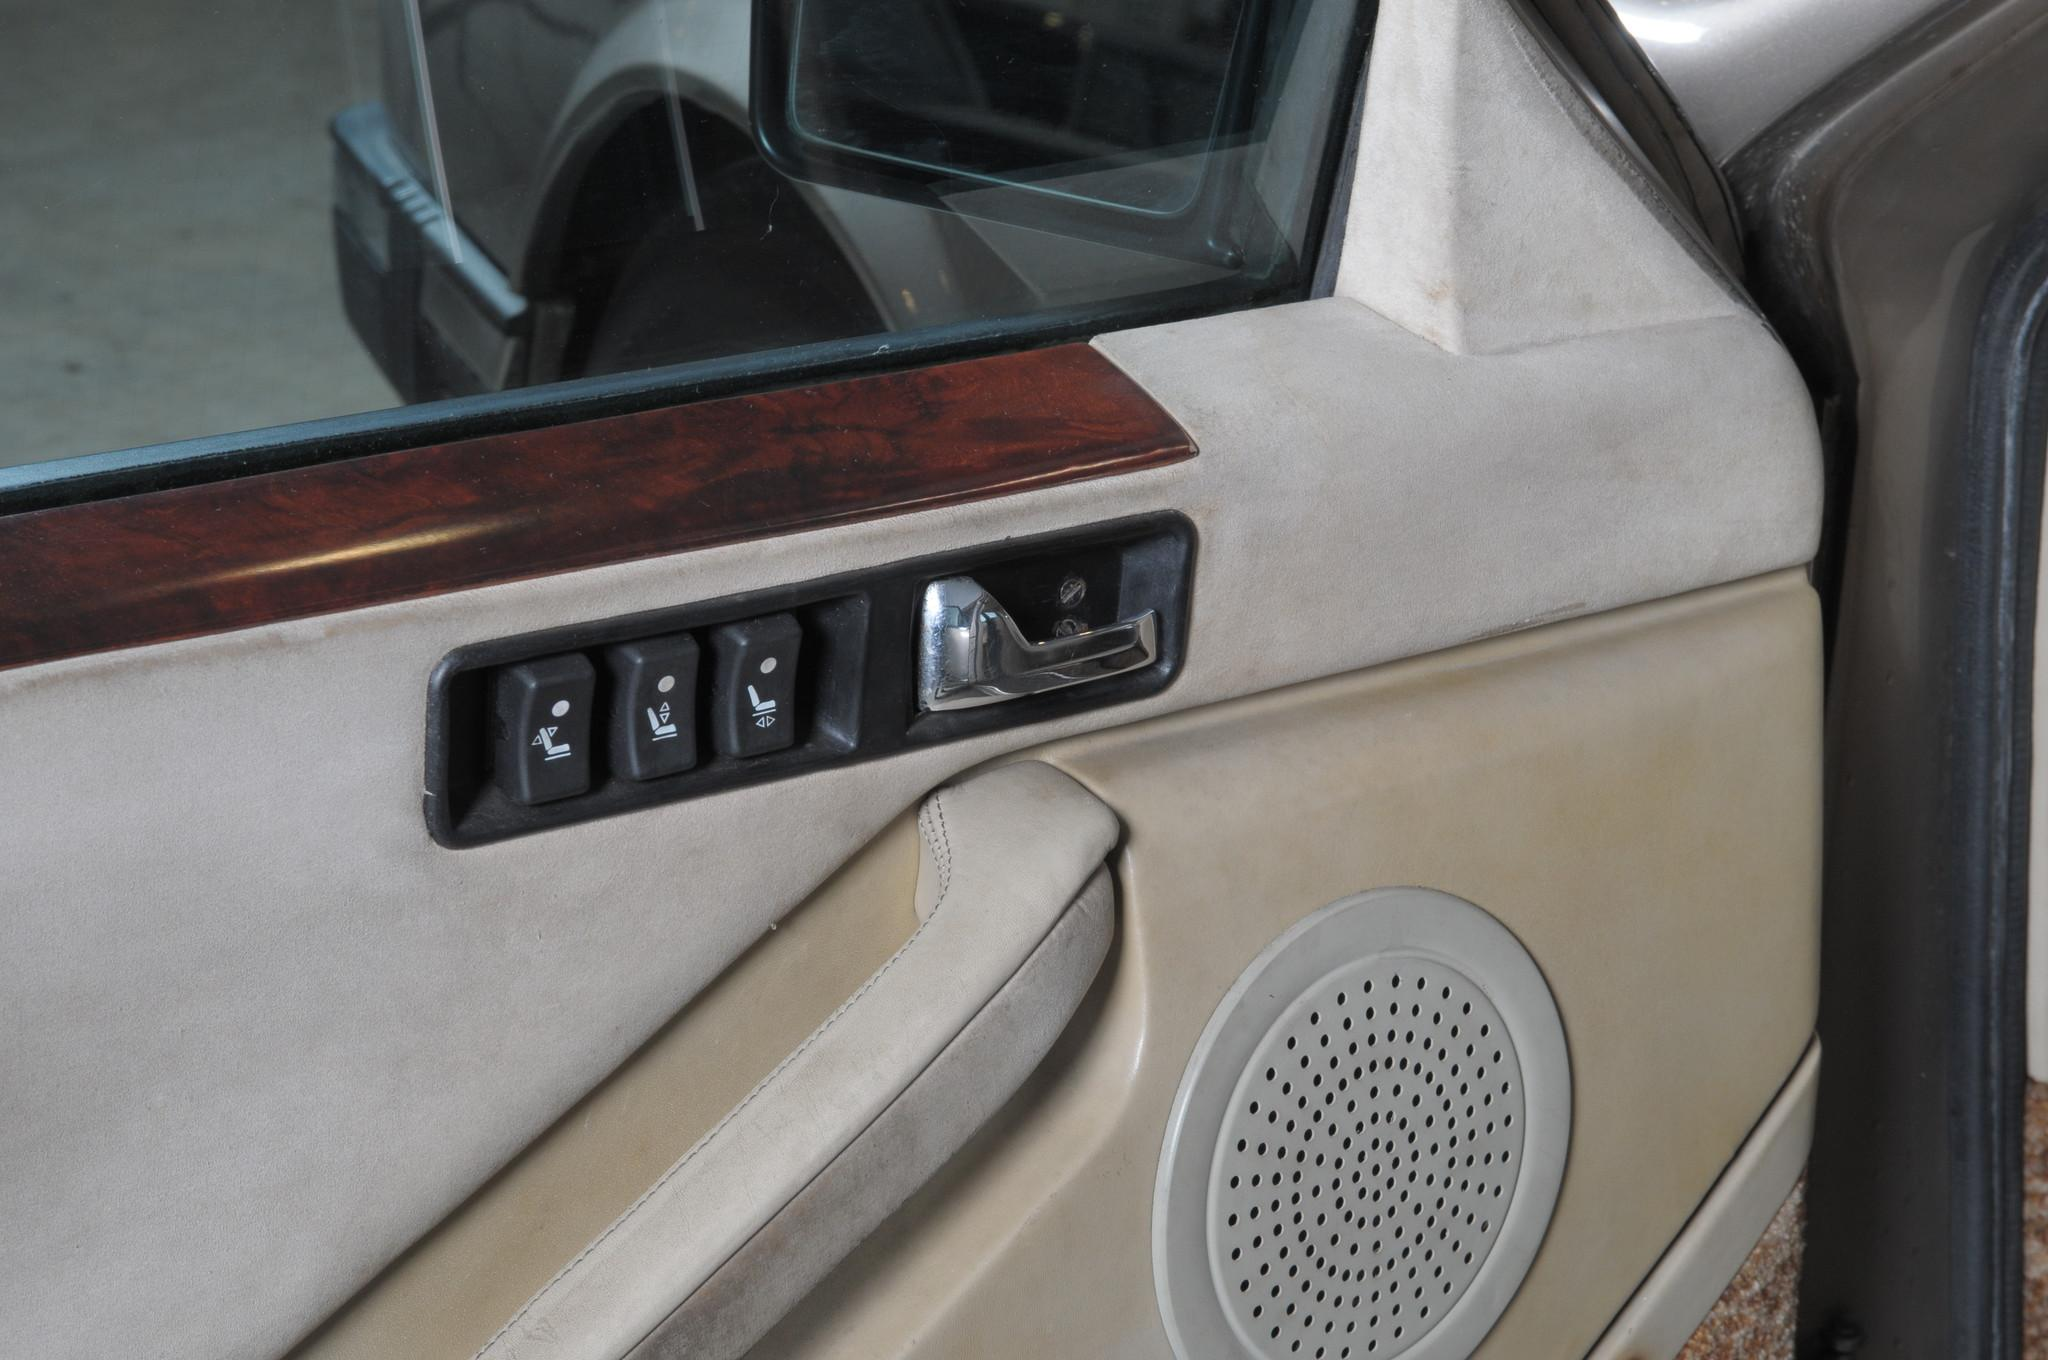 Автомобиль был оборудован бортовым компьютером с синтезатором речи. Как и на предыдущих моделях, для